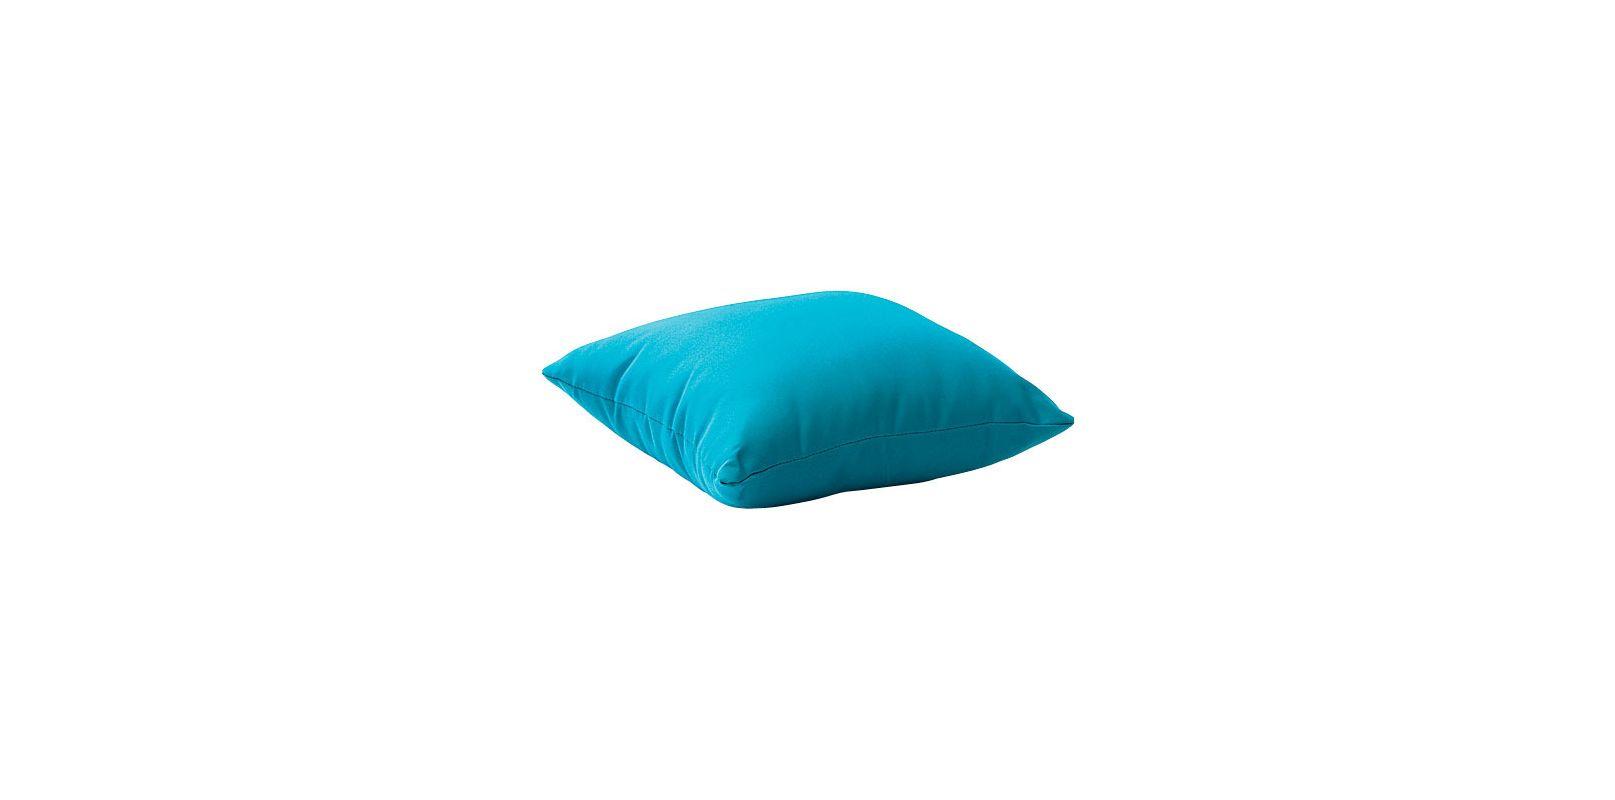 Zuo Modern Laguna Small Outdoor Pillow Laguna Small Outdoor Pillow Sky